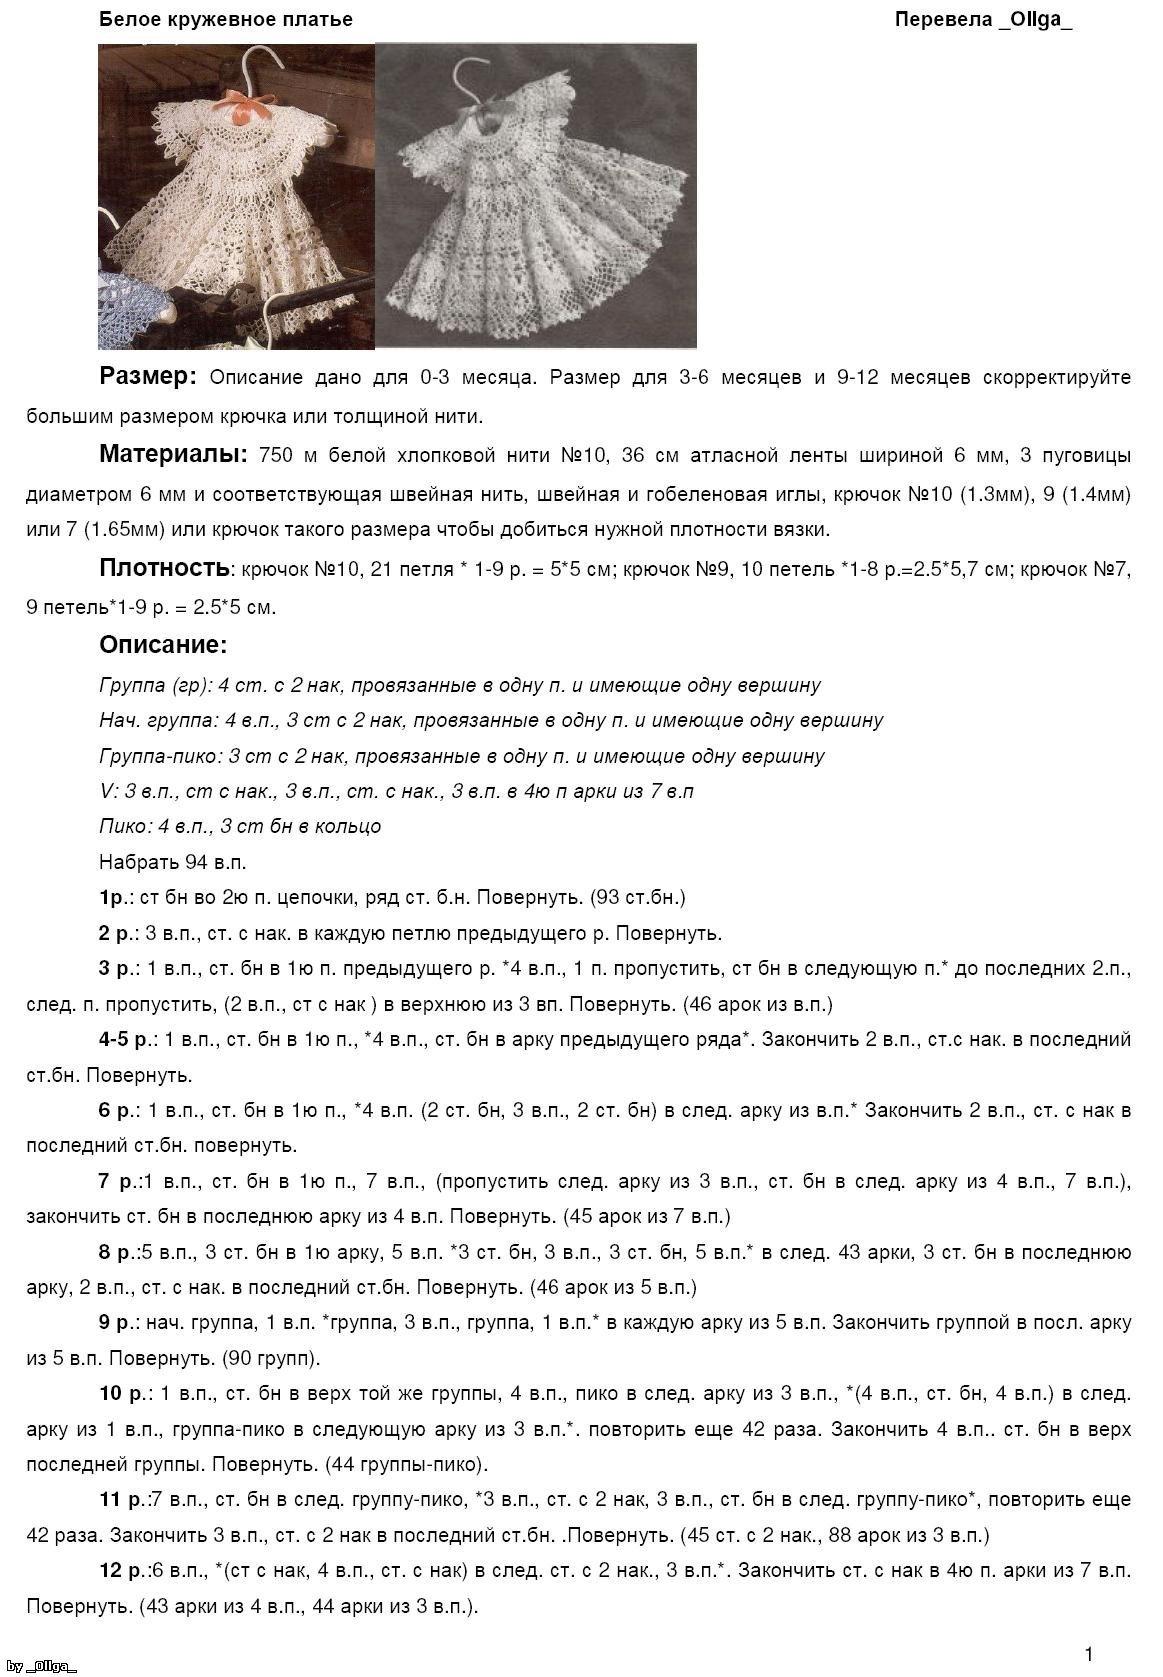 Как вязать крестильное платье схема